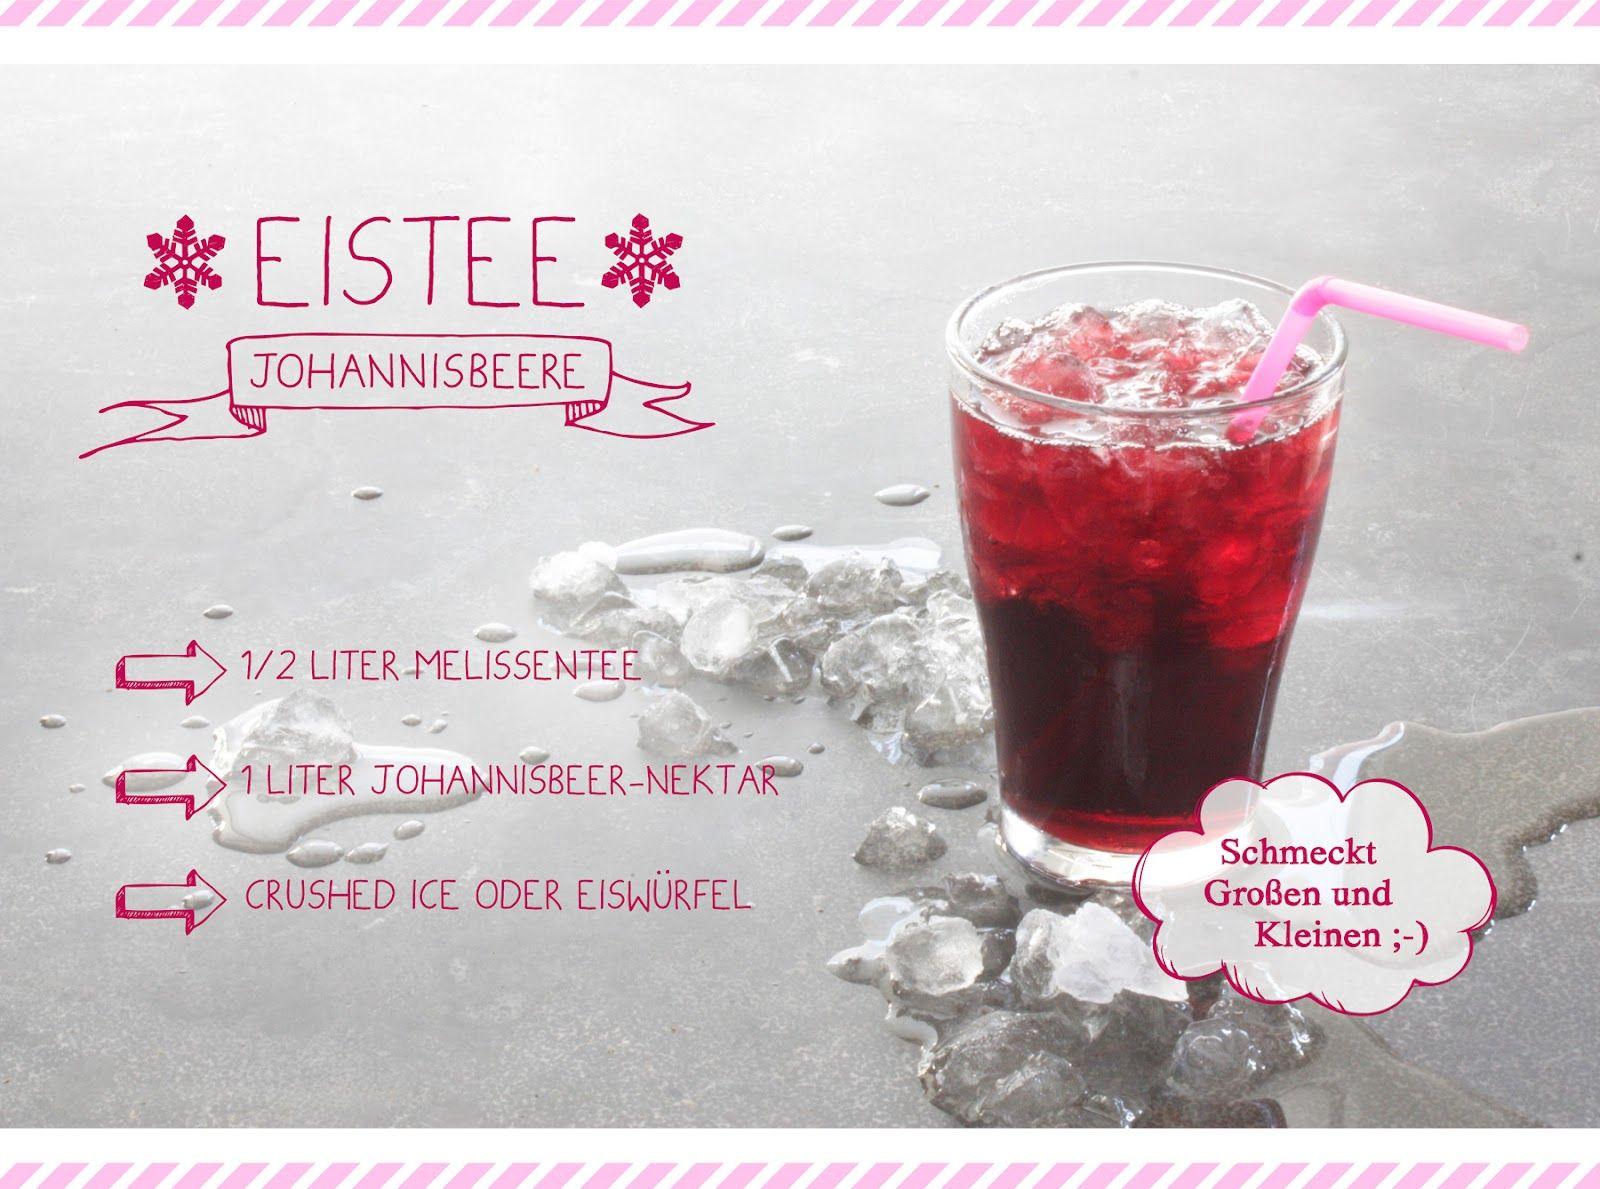 raumdinge: Perfekte Temperaturen für coole Drinks ...